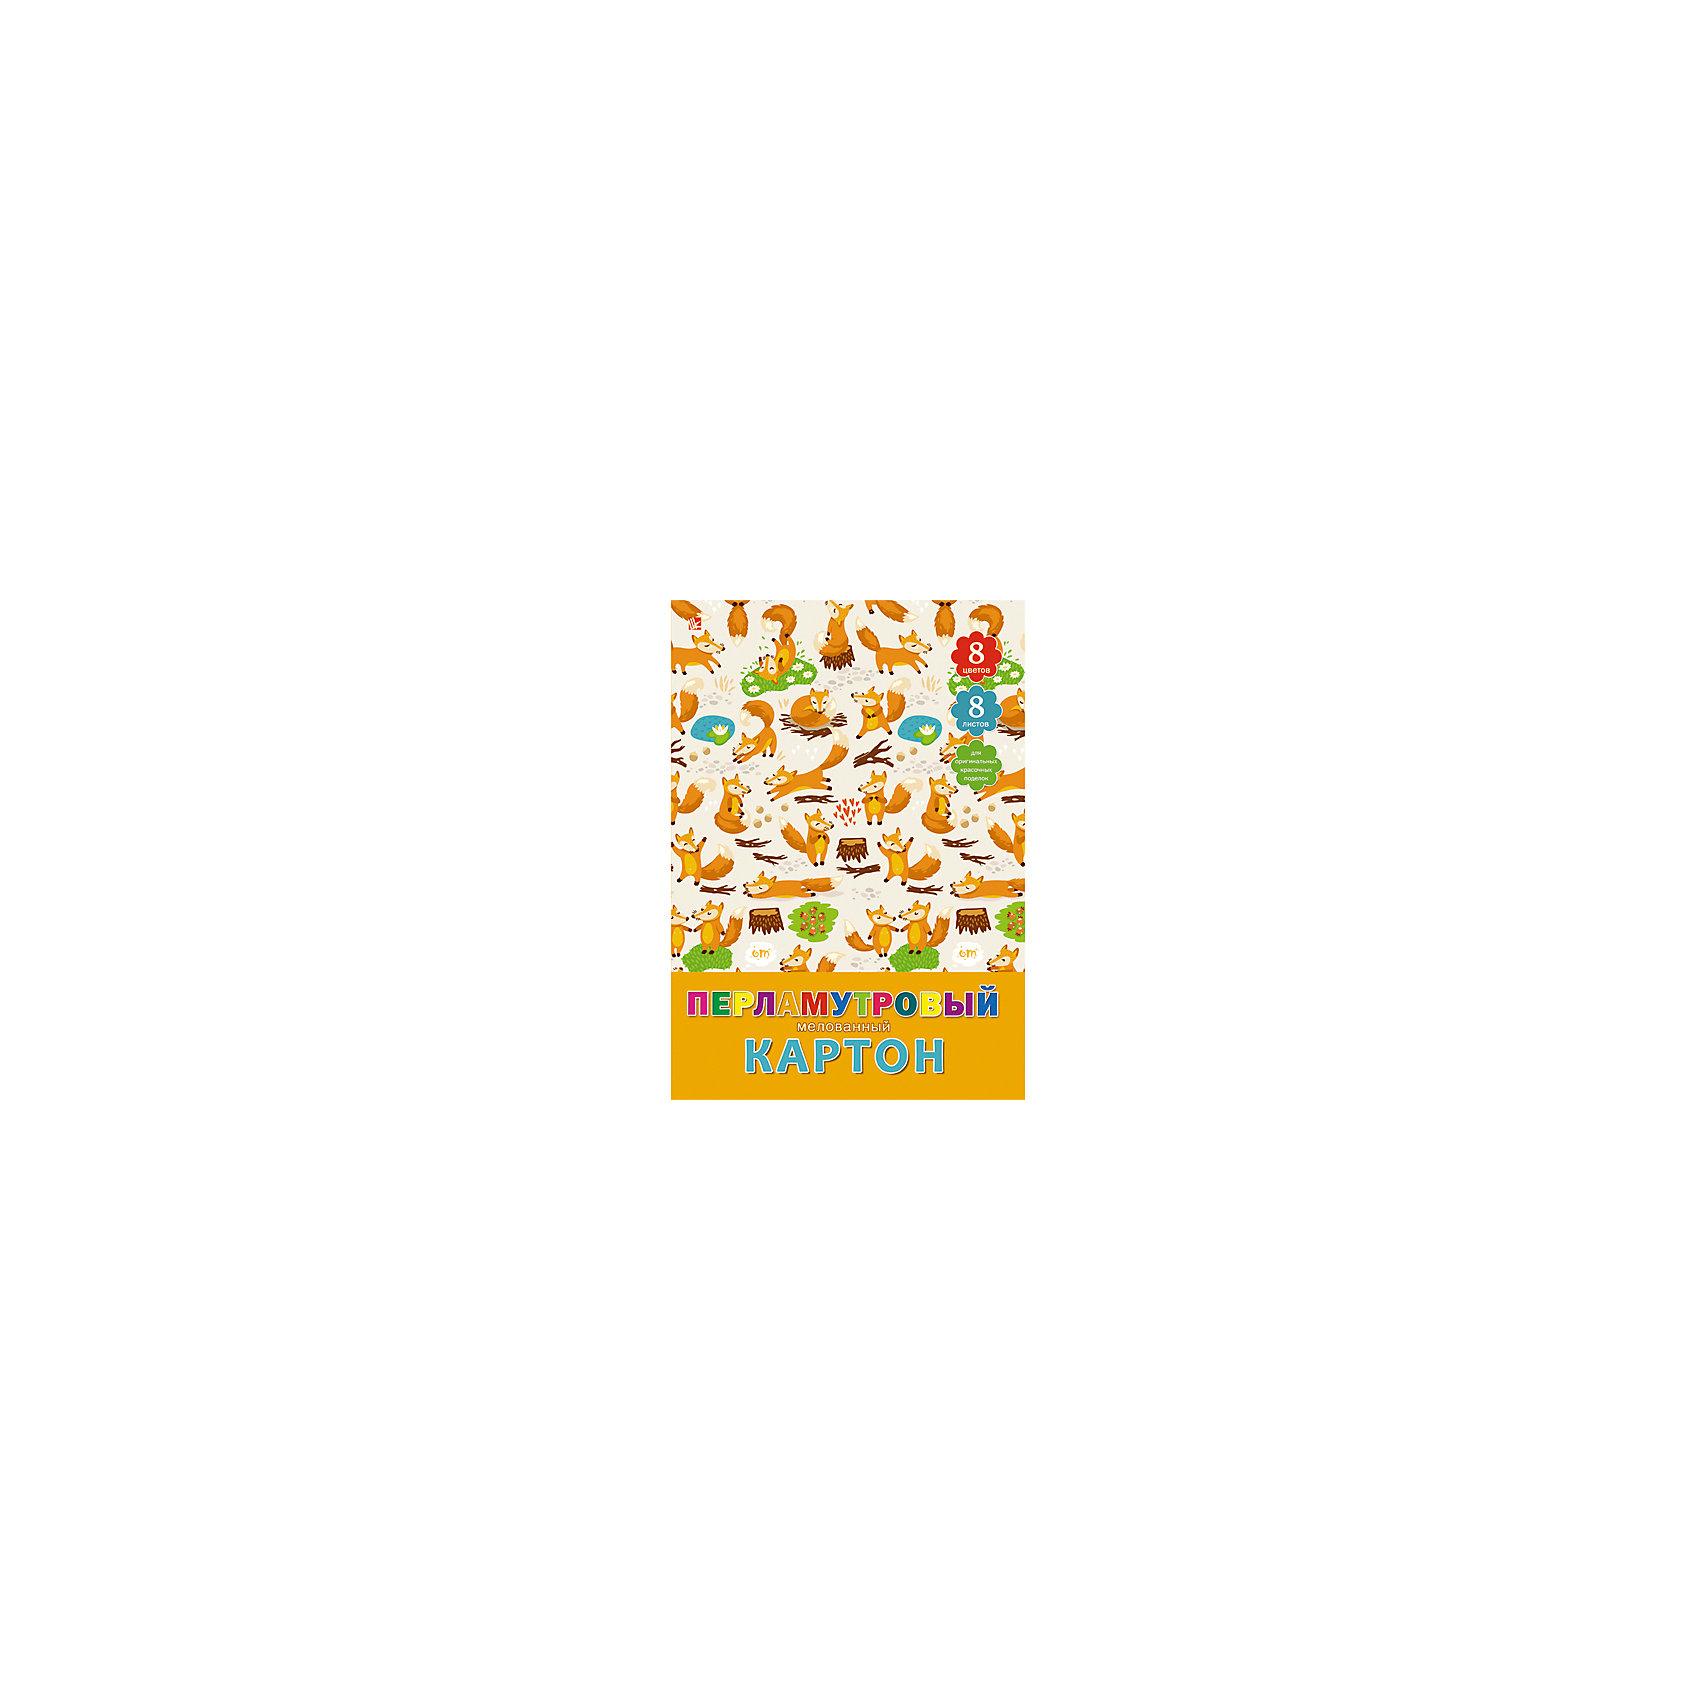 Перламутровый мелованный картон Лисята, 8л, 8 цвПерламутровый мелованный картон Лисята. Формат А4, разноцветный. Прекрасно подойдет для создания ярких красивых поделок!<br><br>Дополнительная информация:<br>Обложка: картон<br>Количество листов: 8(разноцветный)<br>Формат: А4<br>Перламутровый мелованный картон Лисята можно приобрести в нашем интернет-магазине.<br><br>Ширина мм: 280<br>Глубина мм: 200<br>Высота мм: 6<br>Вес г: 139<br>Возраст от месяцев: 72<br>Возраст до месяцев: 2147483647<br>Пол: Унисекс<br>Возраст: Детский<br>SKU: 4942472